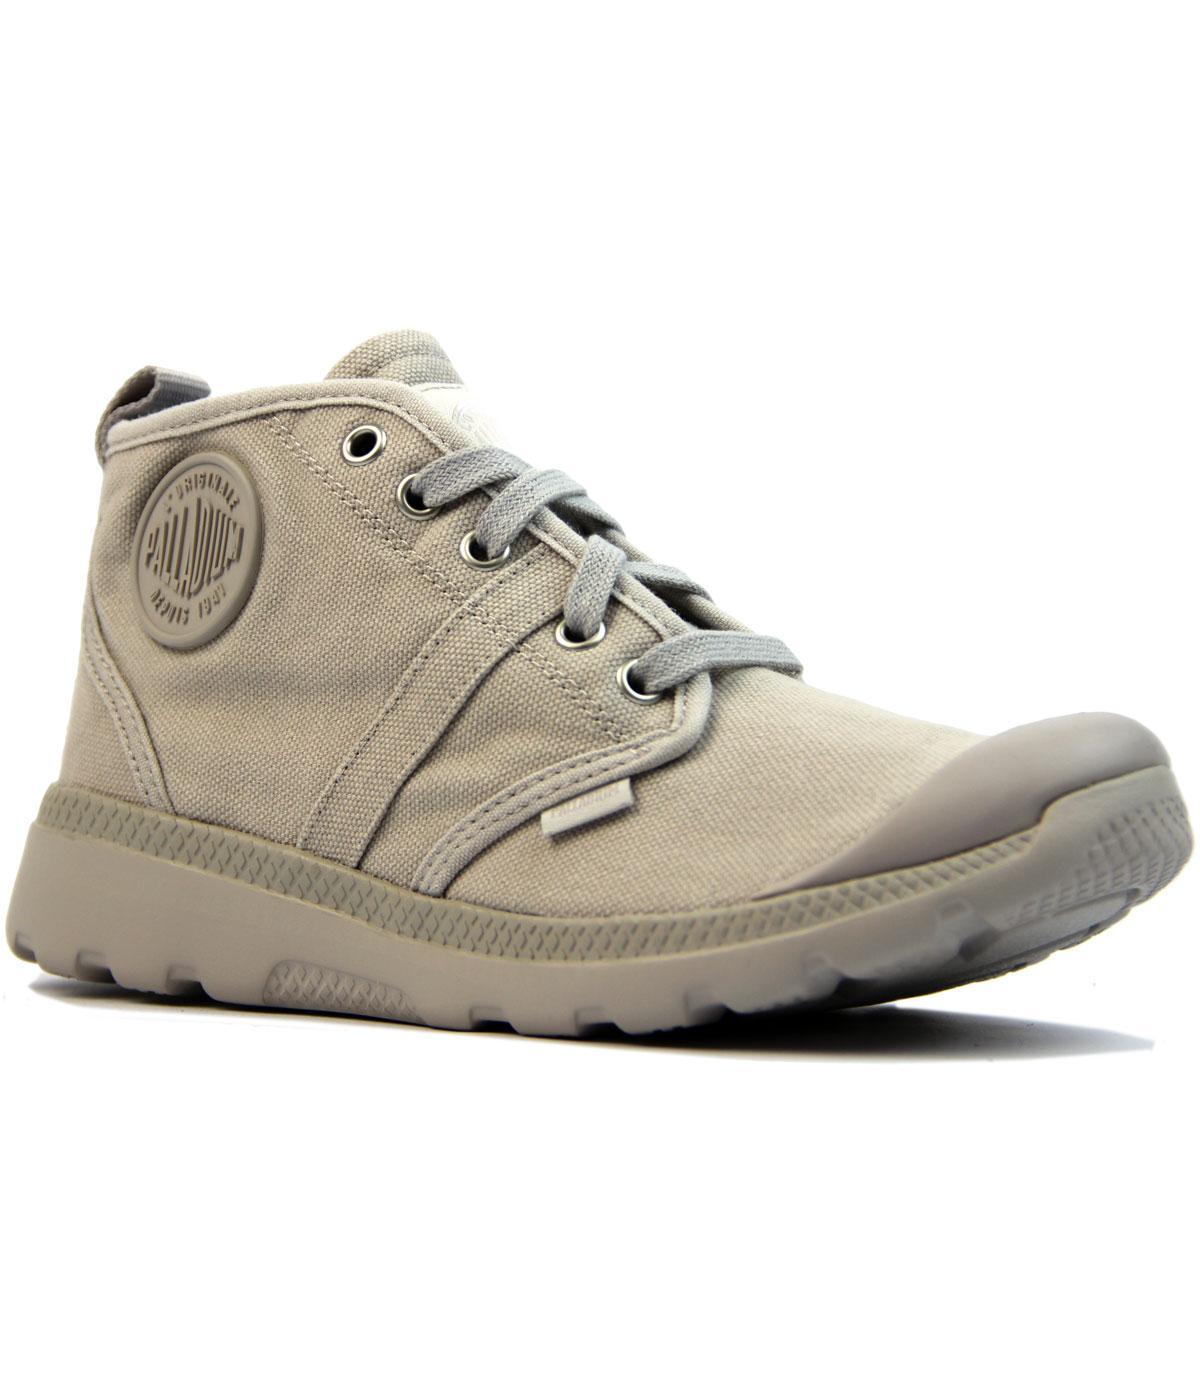 Palladium Shoes Uk